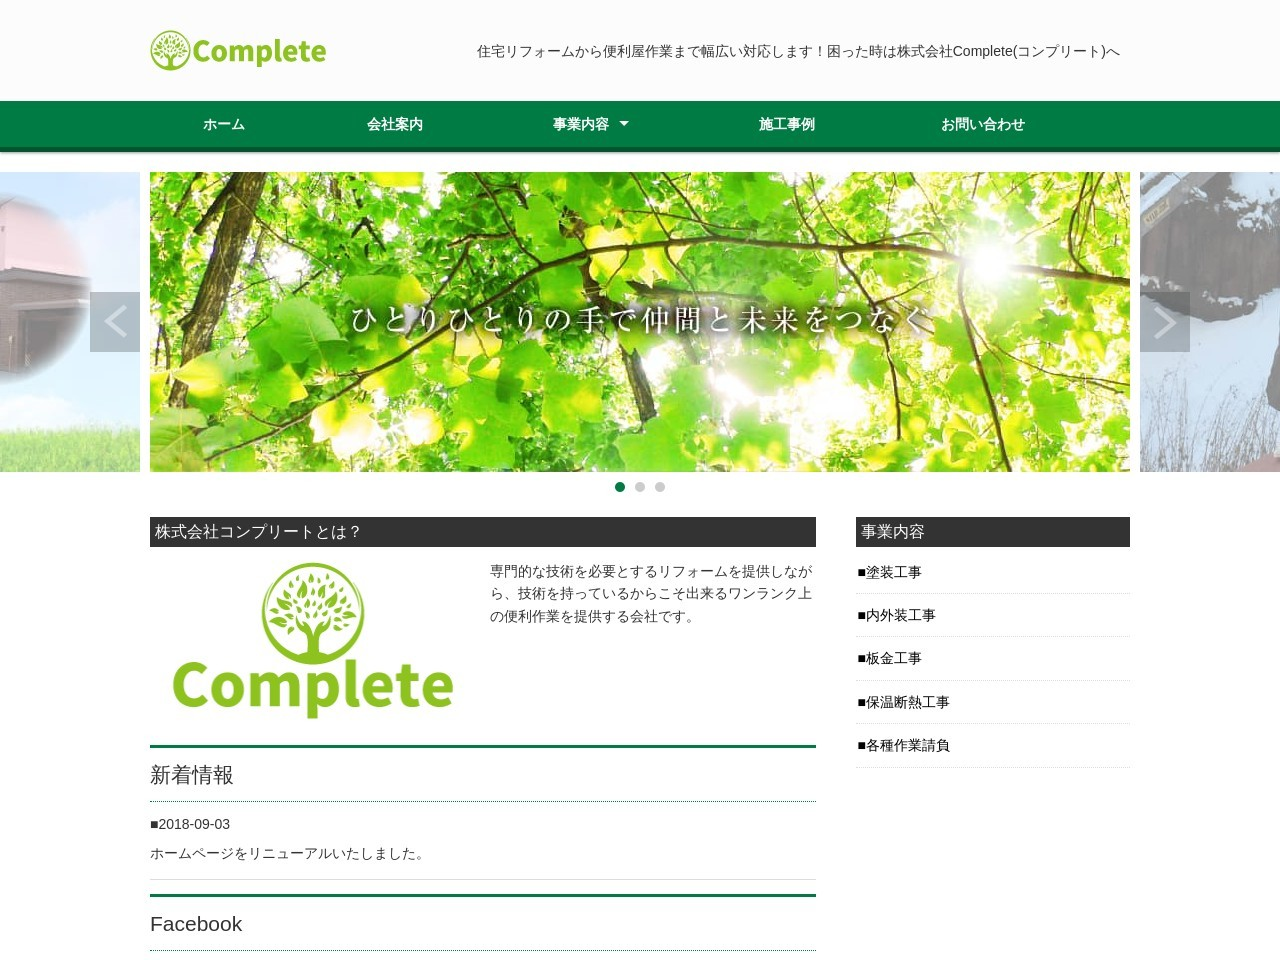 コンプリート(Complete)